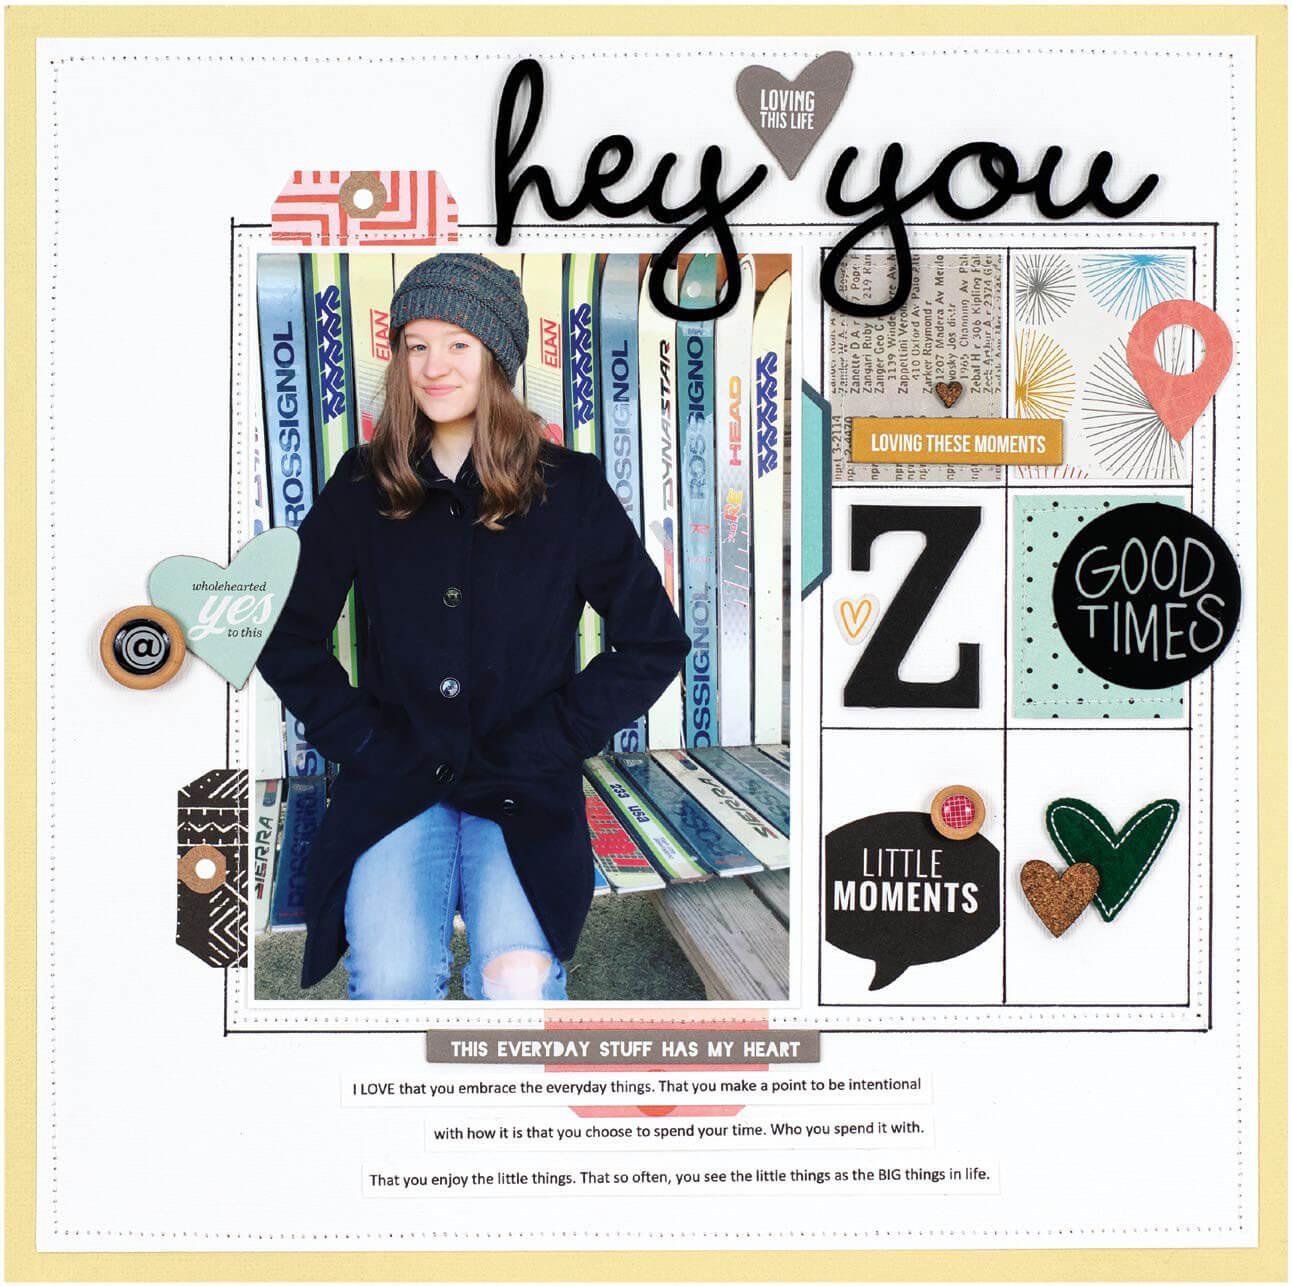 Scrapbook & Cards Today - Winter 2019 - Hey You layout by Jenn Davis